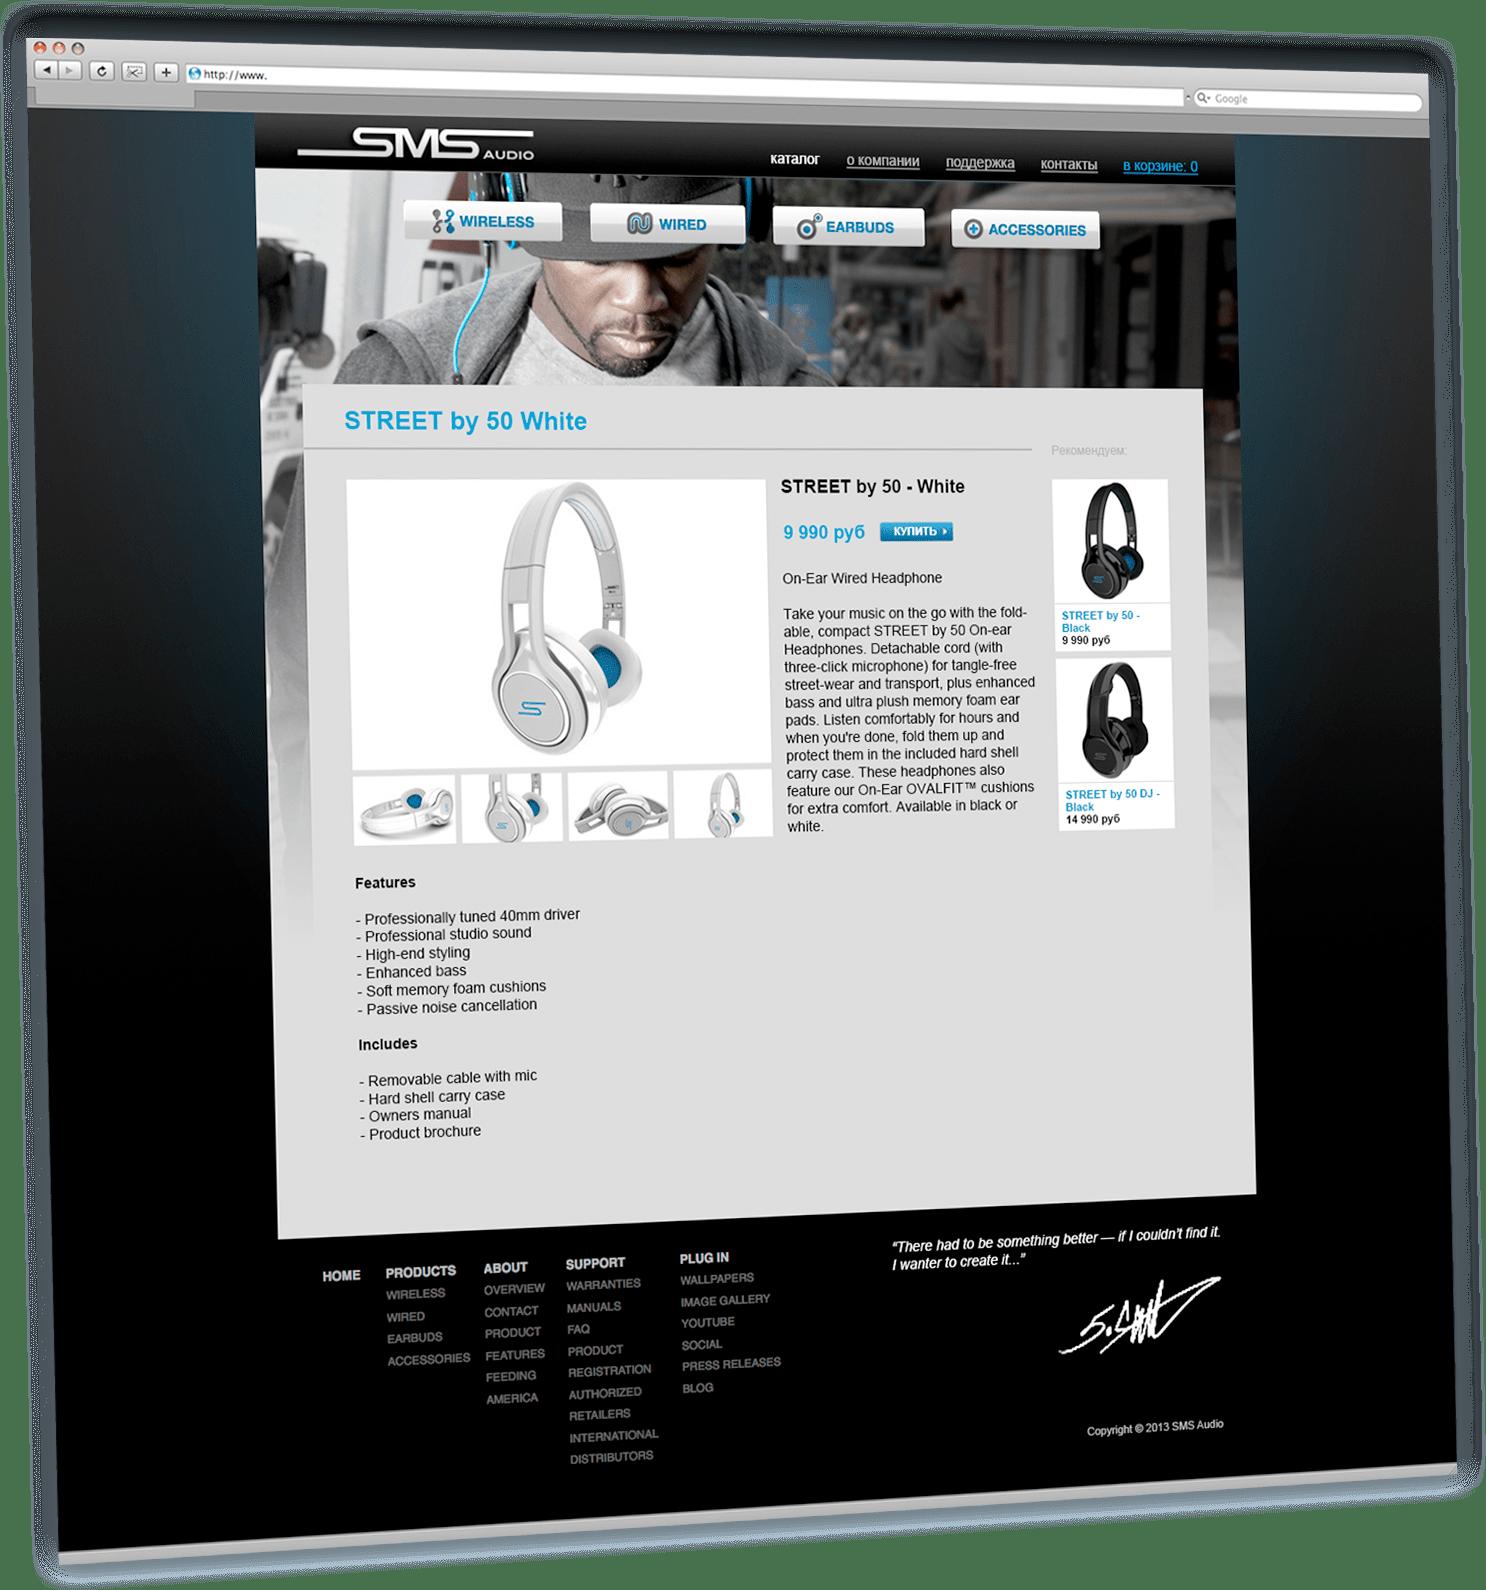 Интернет-магазин SMS Audio (50 Cent)